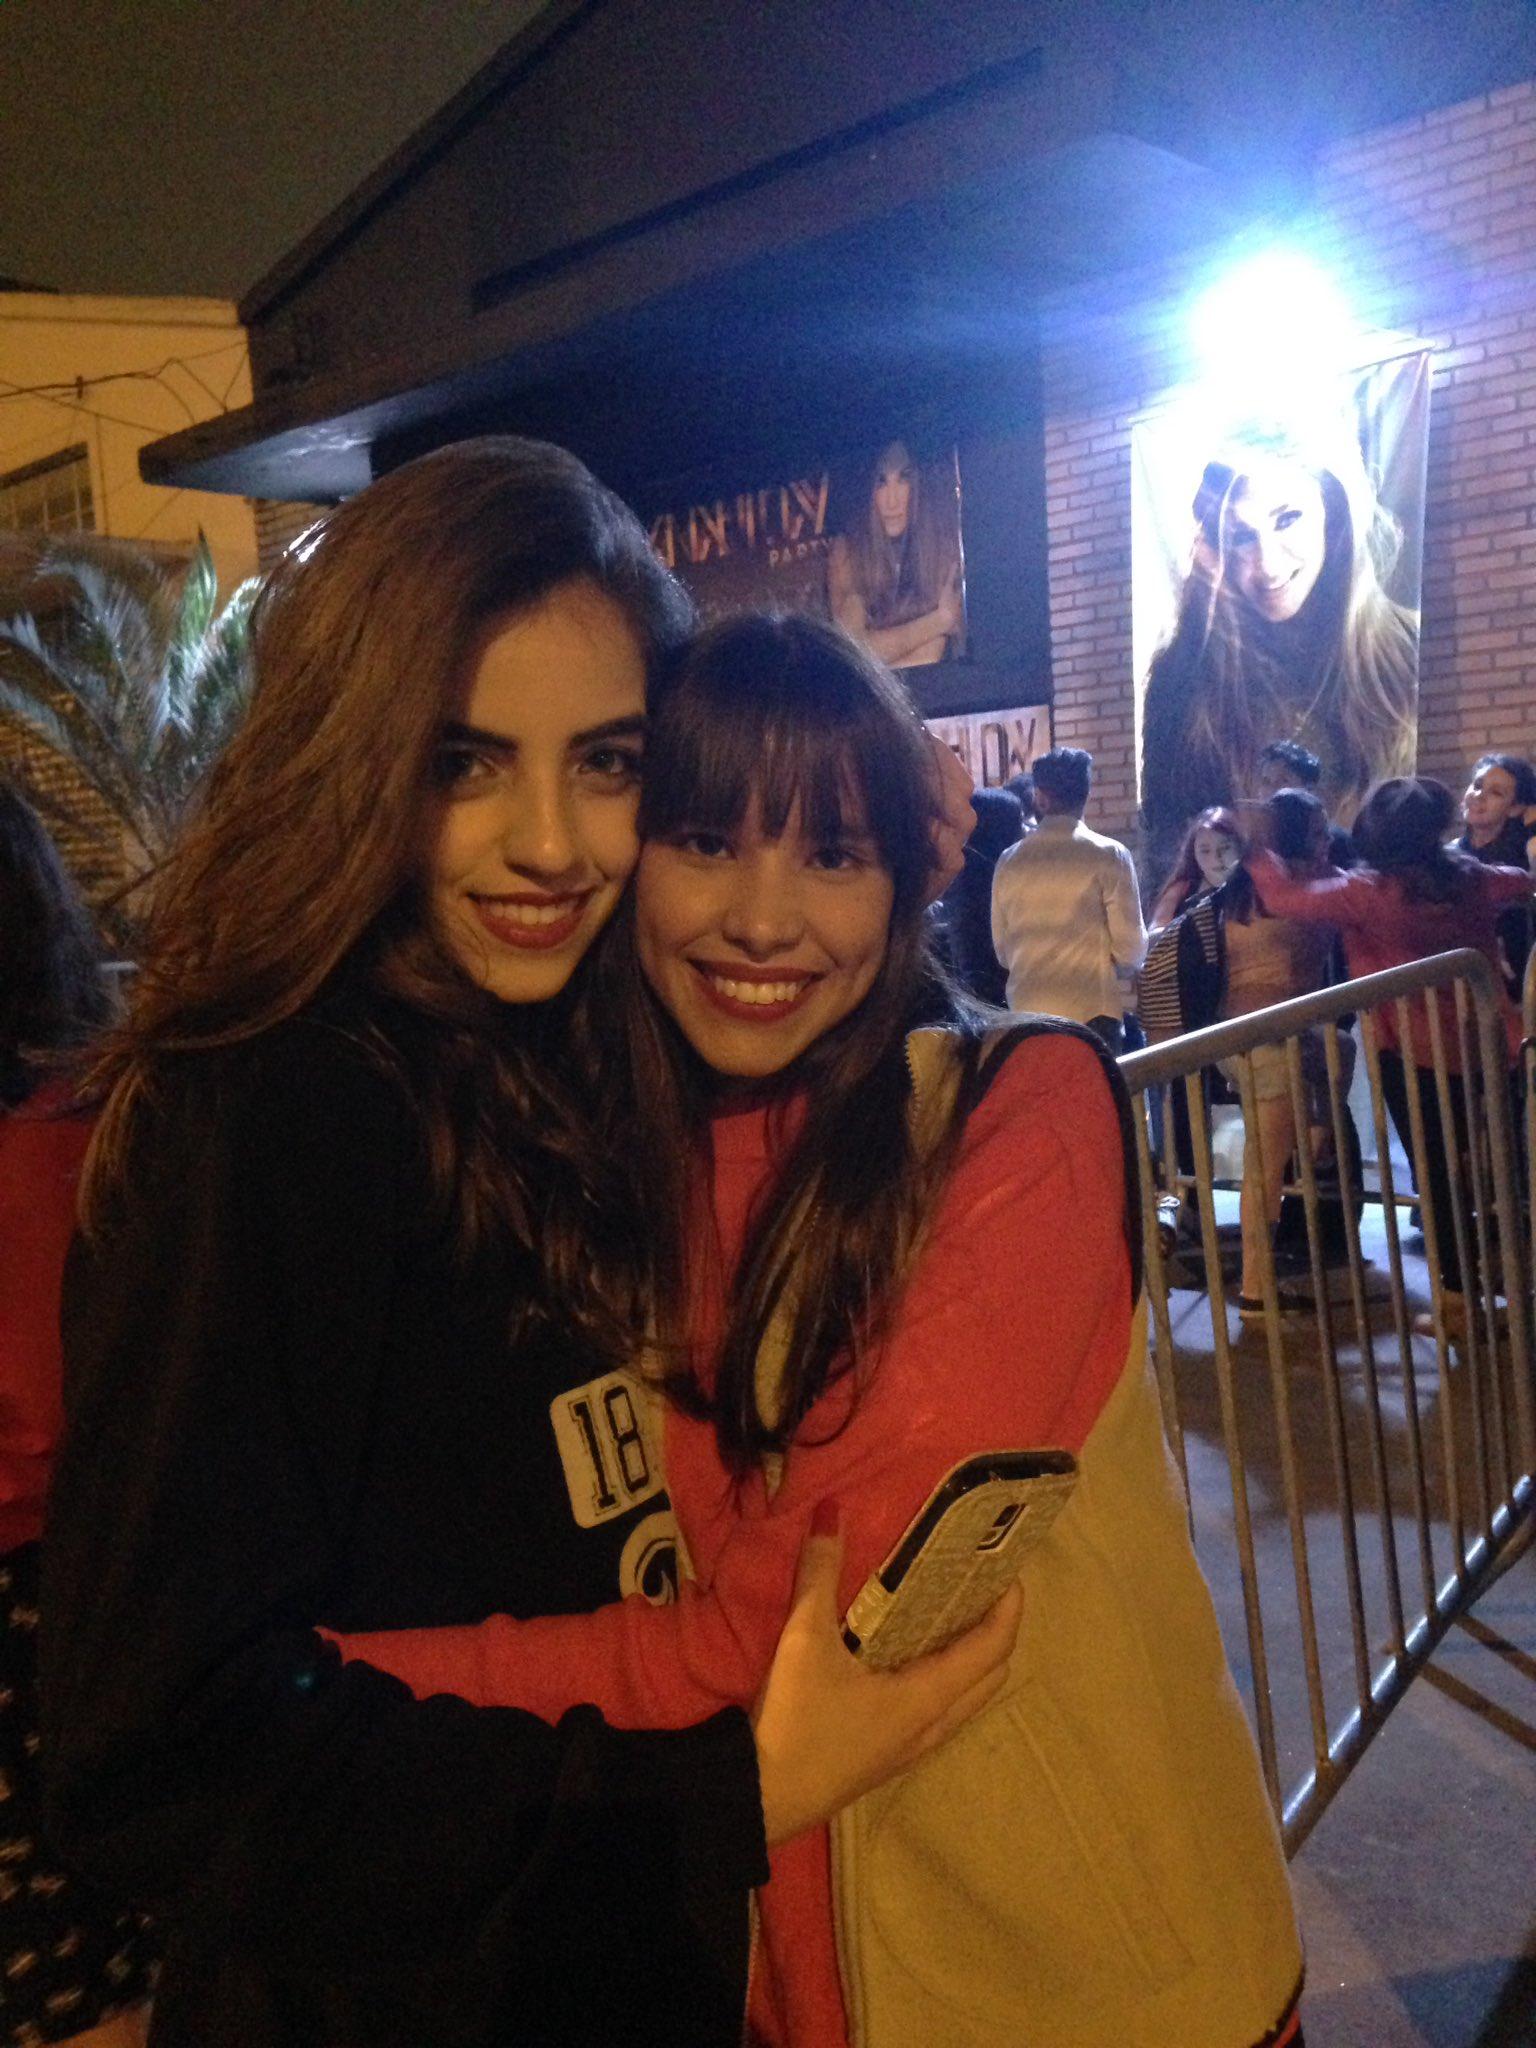 """""""@anyhartona: @Anahi yo y @AnahiMidia listas para @anahidayparty !!!!! ❤️���� https://t.co/5I3fY60sE8"""" HERMOSAS !! ����"""